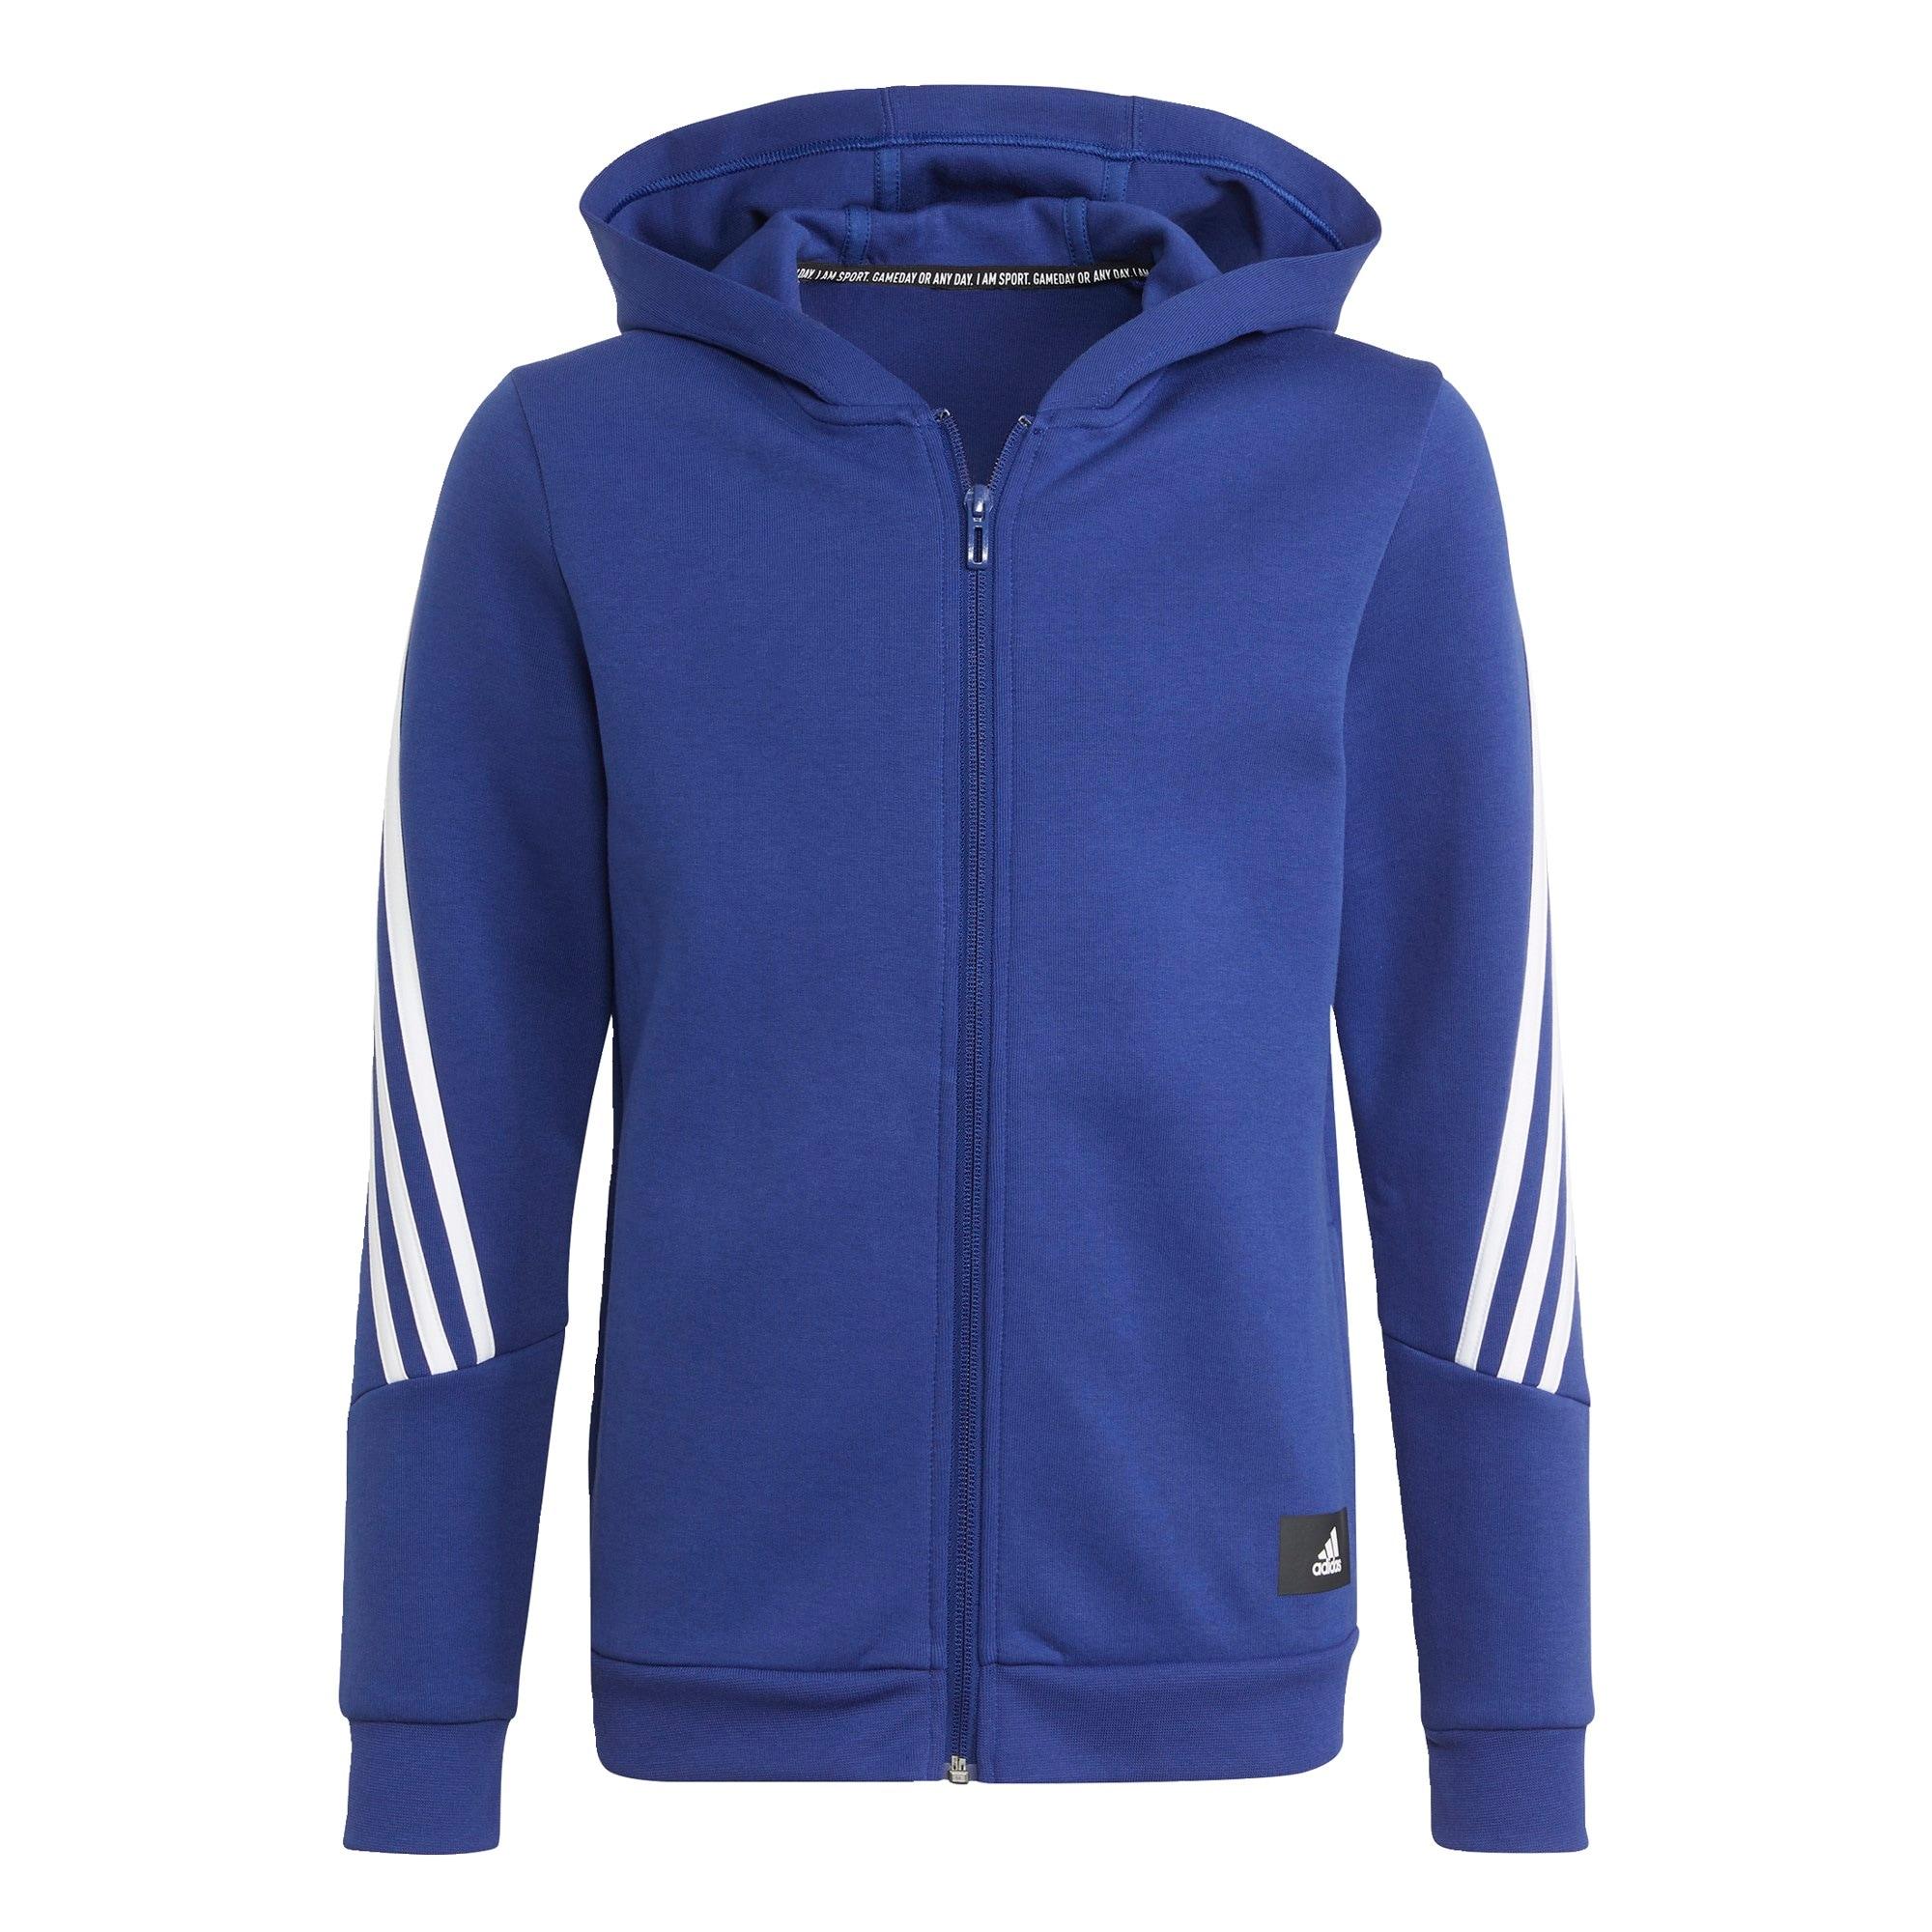 ADIDAS PERFORMANCE Sportovní svetr  modrá / bílá